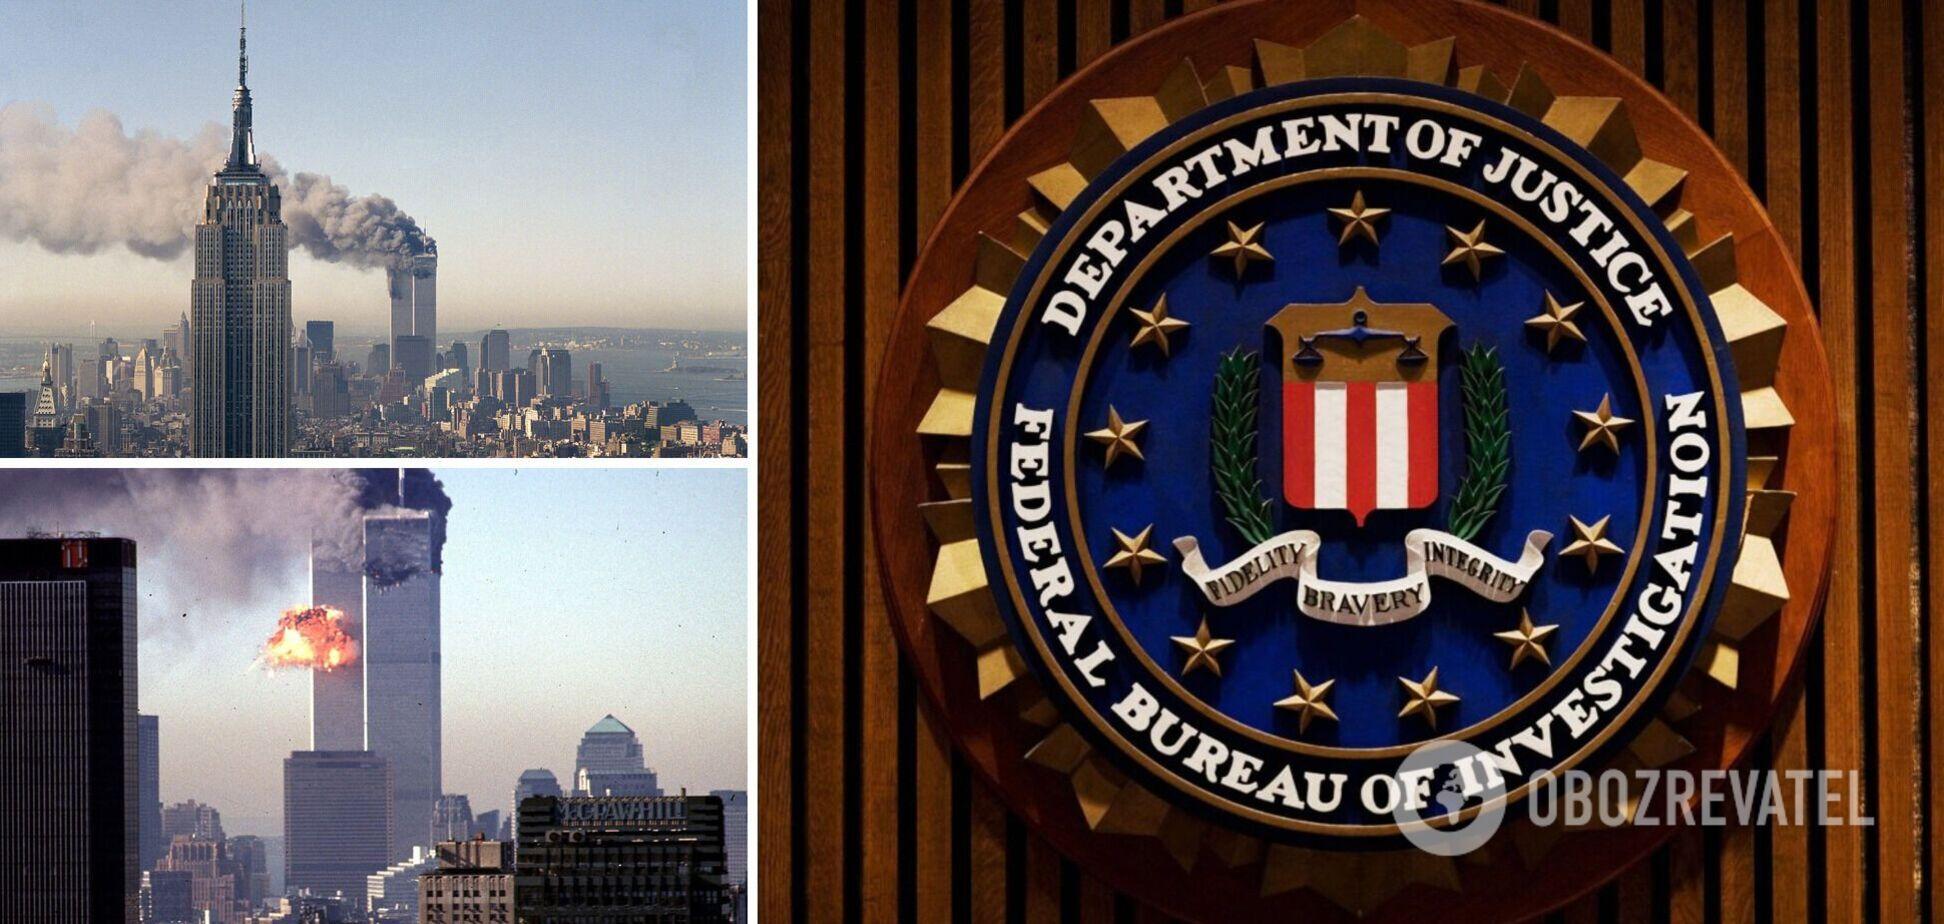 ФБР розсекретило документ про теракти 11 вересня: в ньому є дані про контакти бойовиків